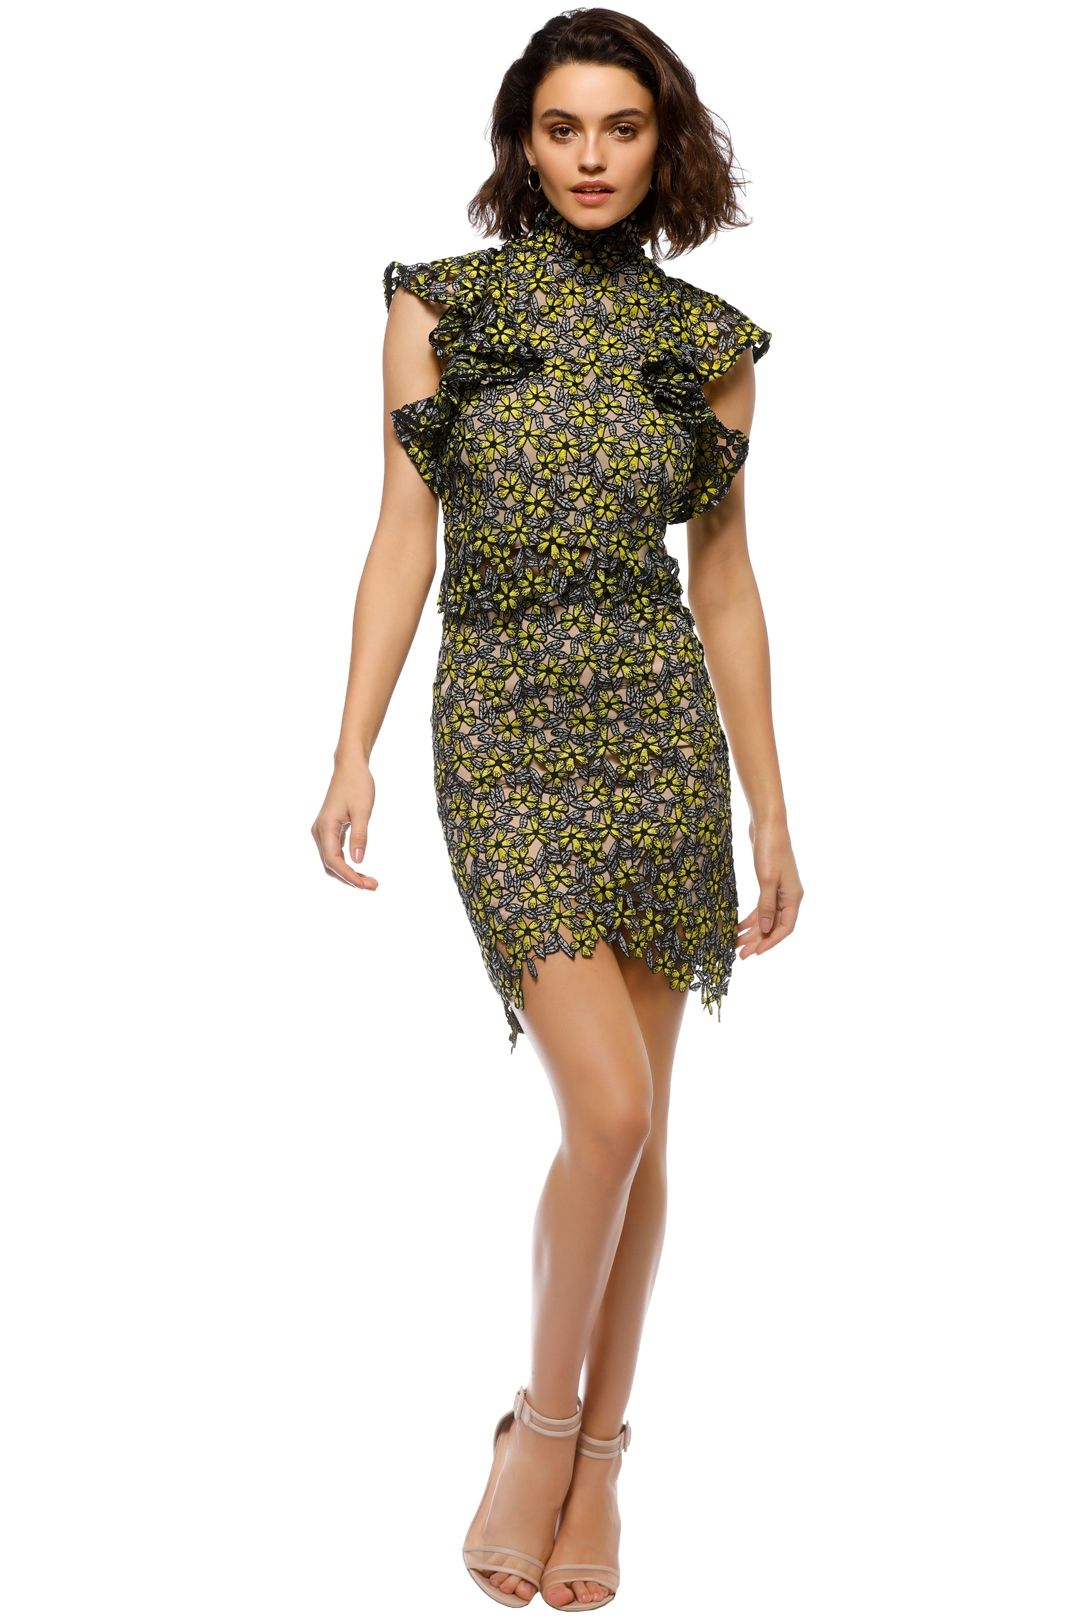 Elliatt - Eden Top and Skirt Set - Yellow Black - Front